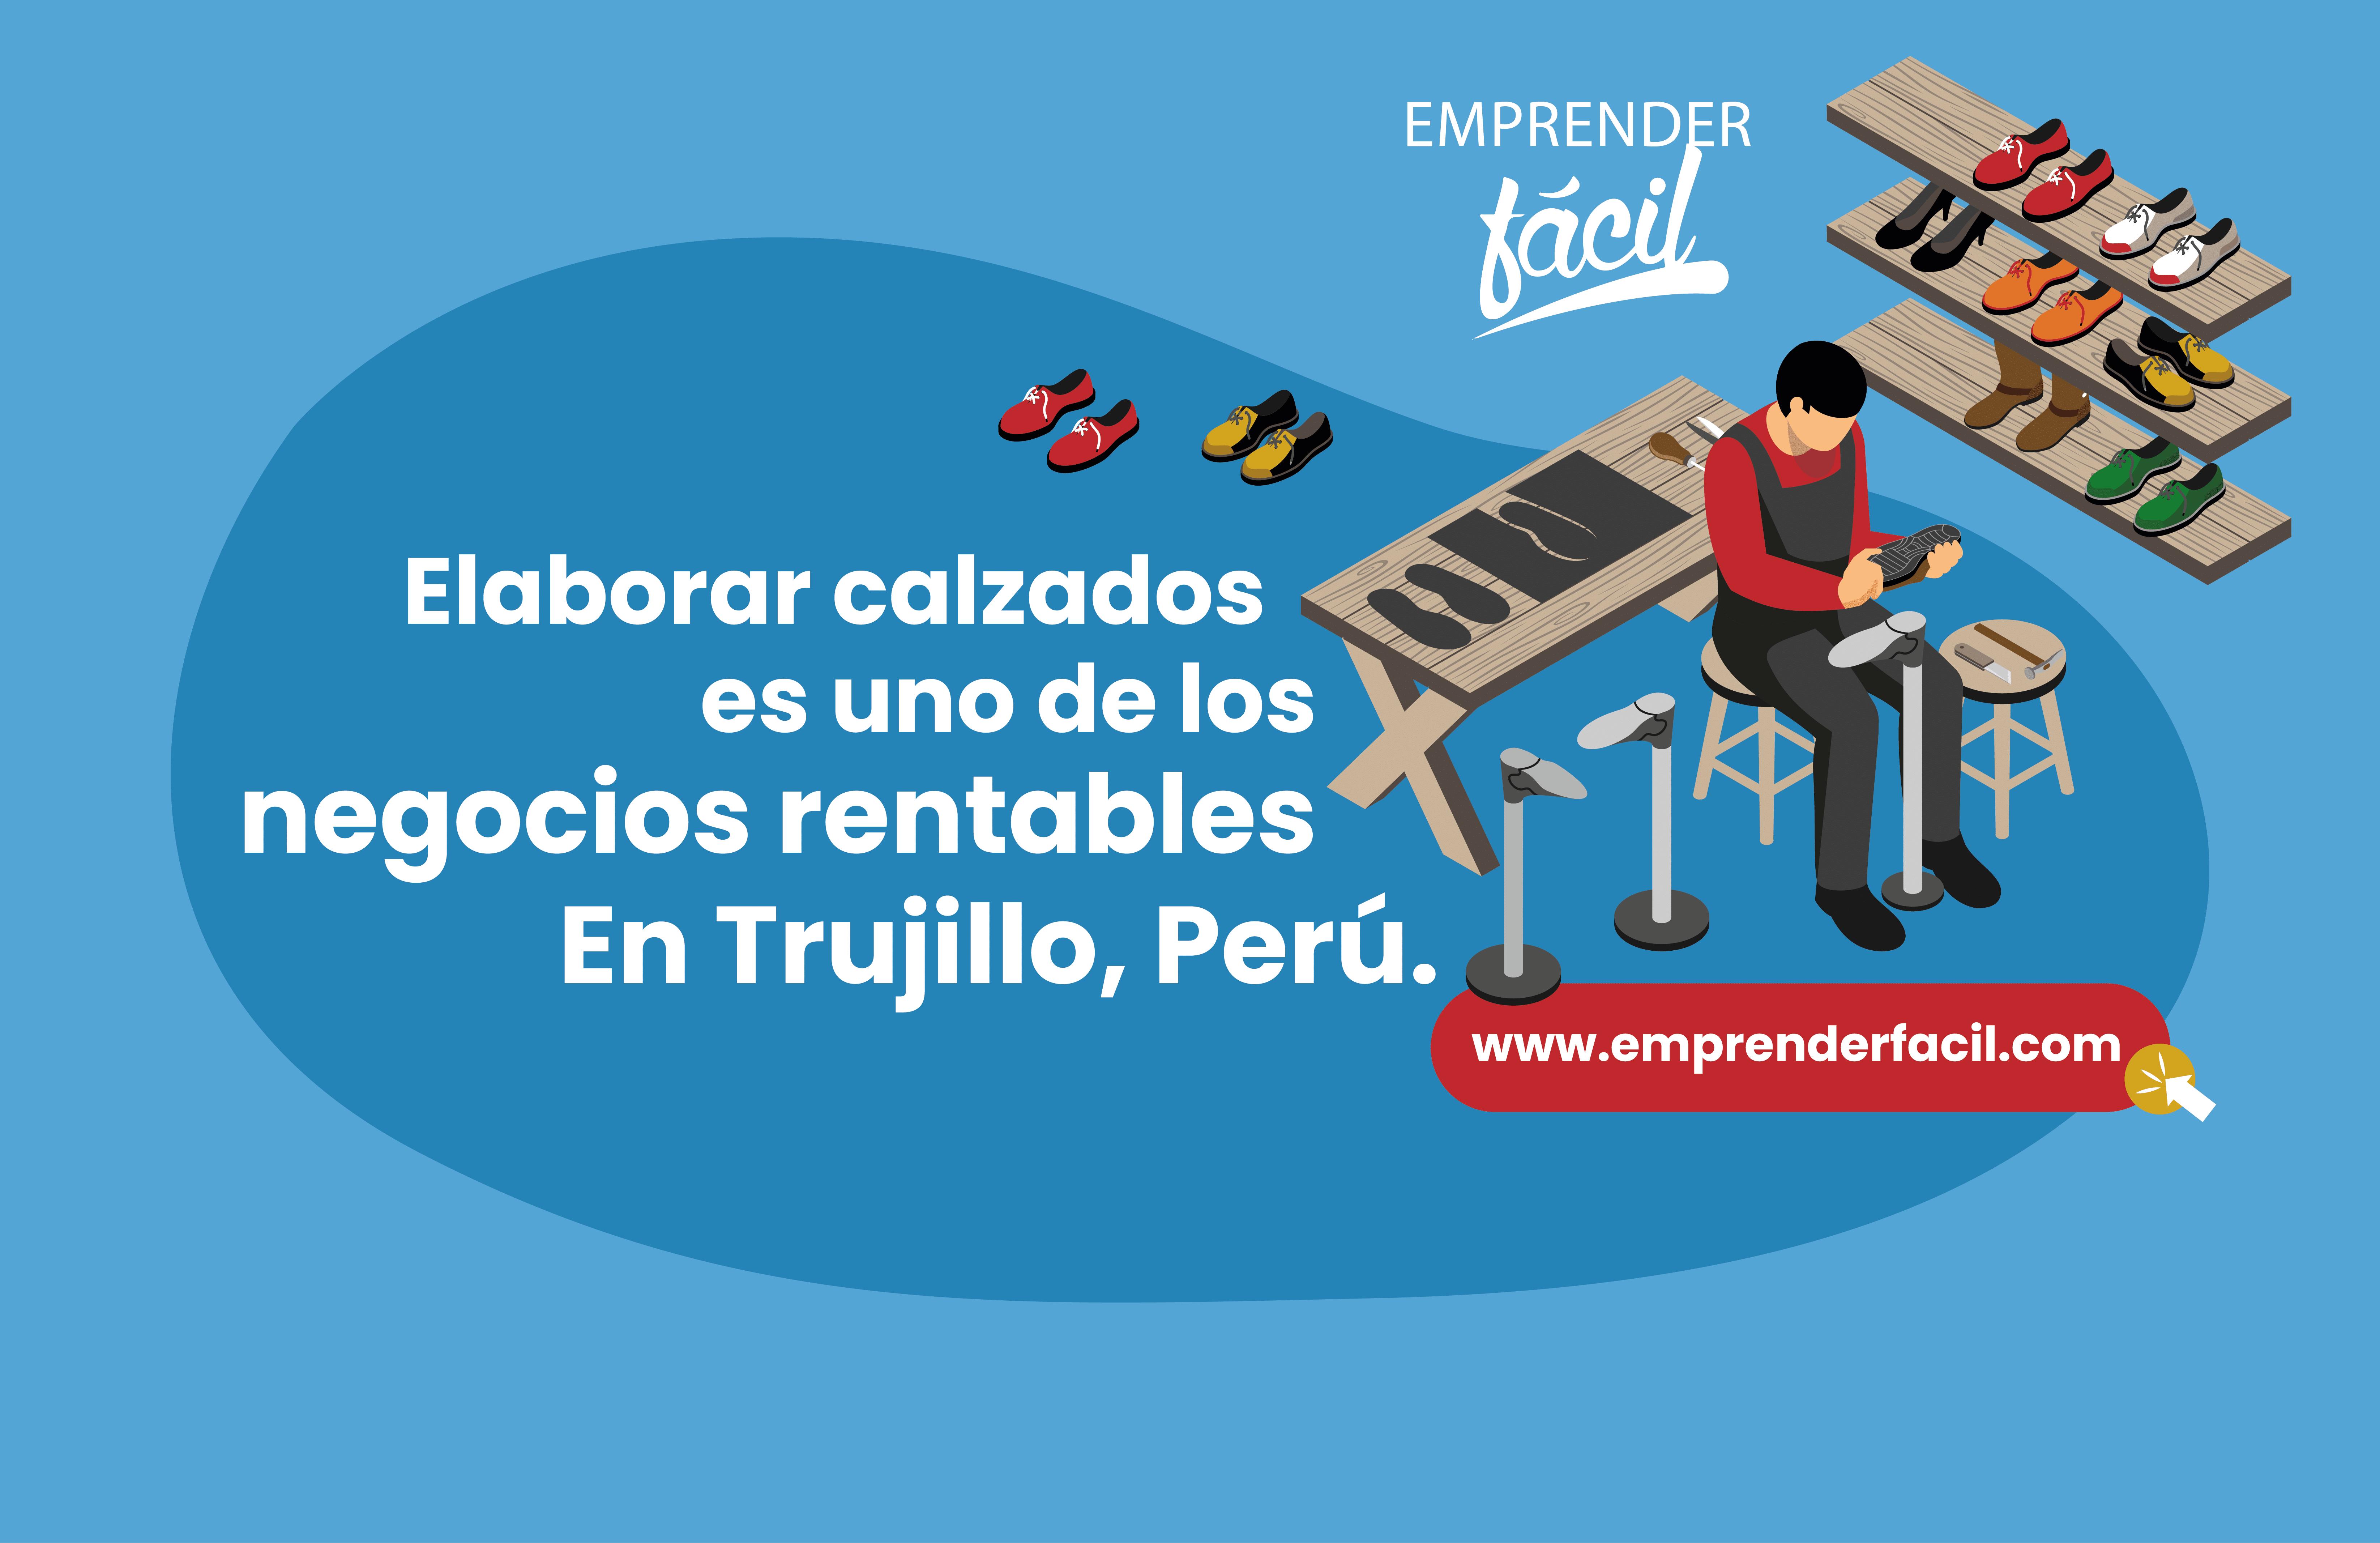 La elaboración de calzados también es un negocio muy rentable en Trujillo, Perú.